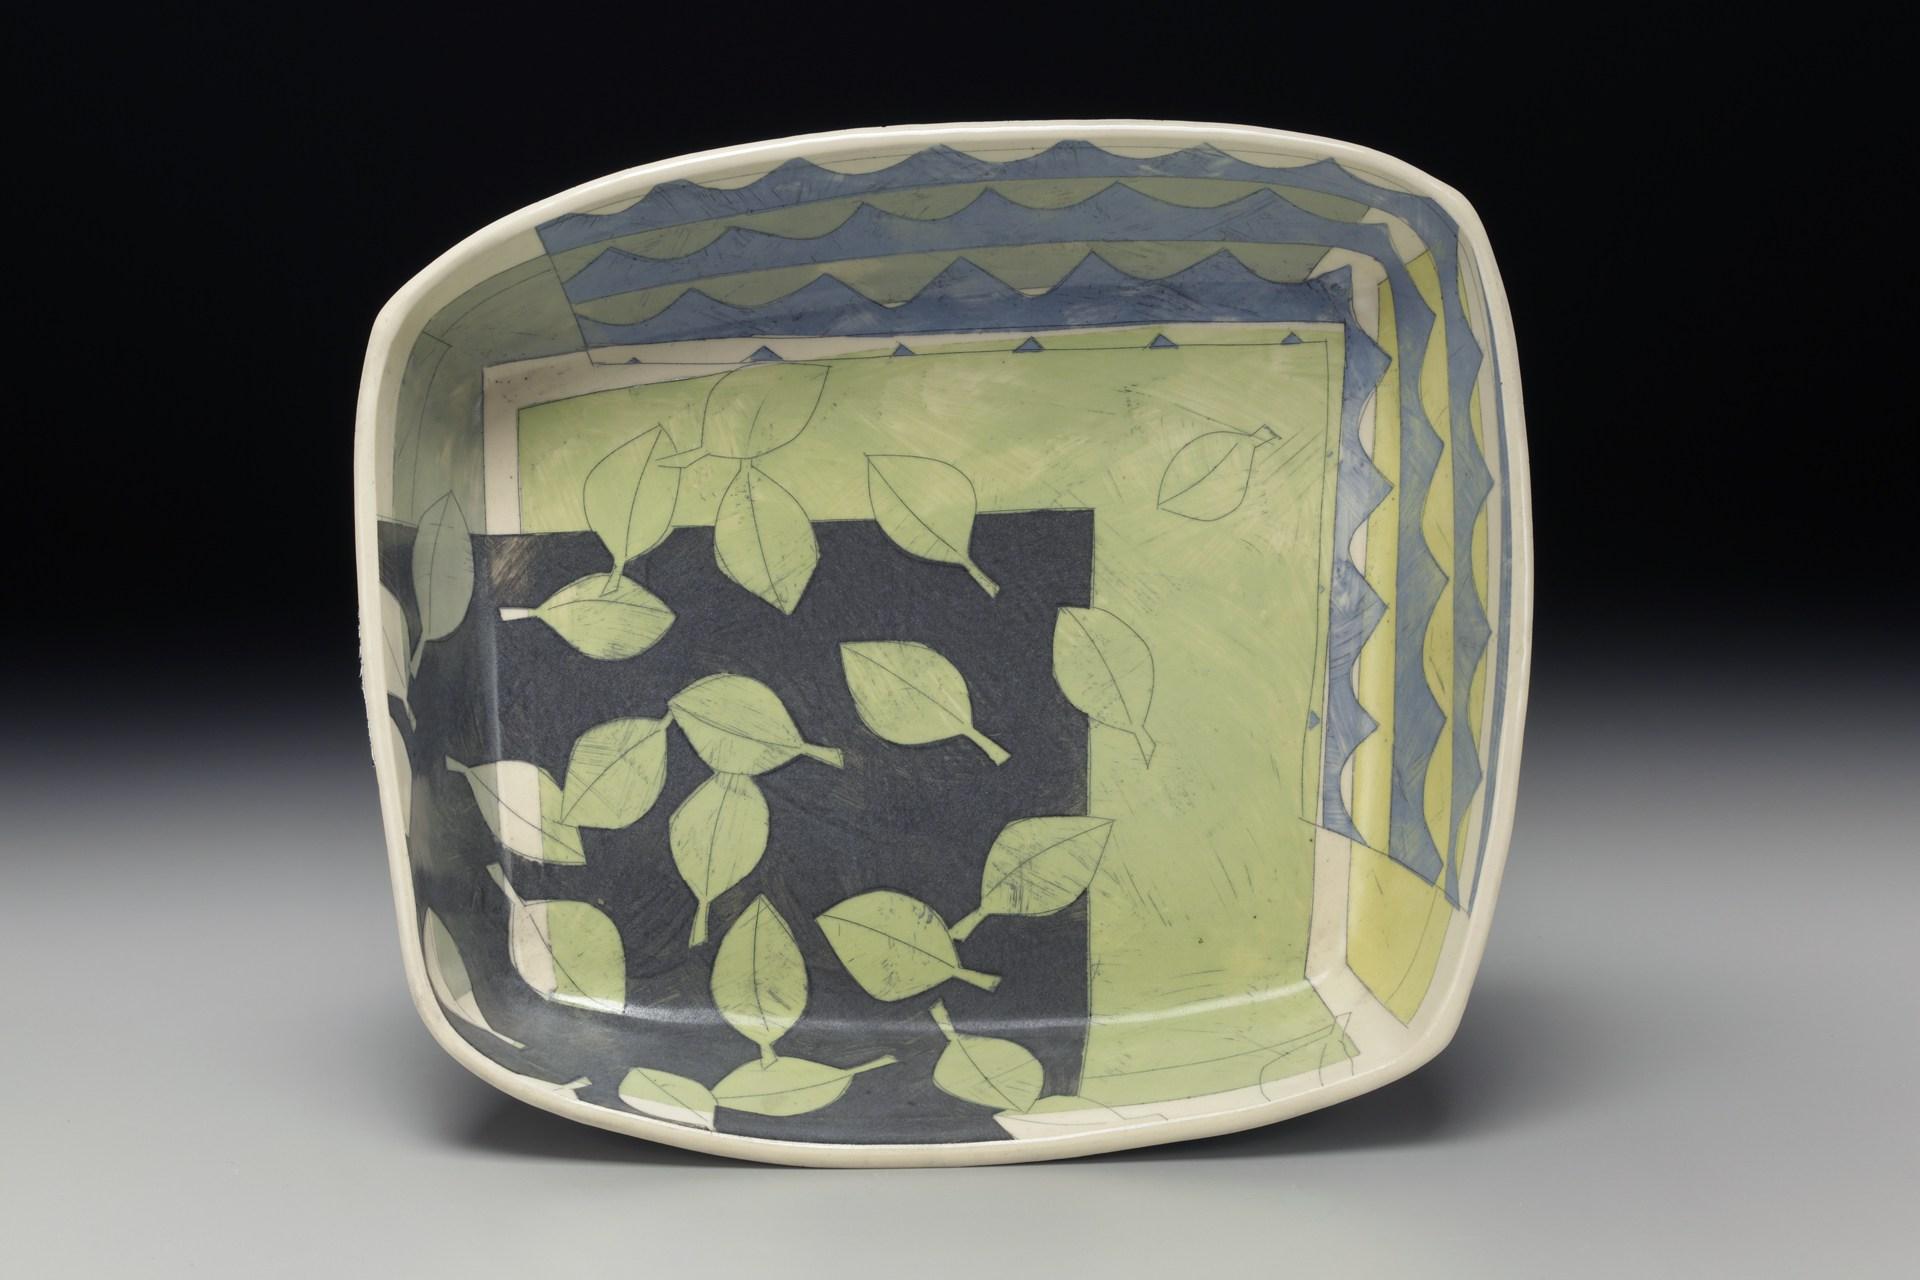 Handbuilt-Tray-clay.jpg